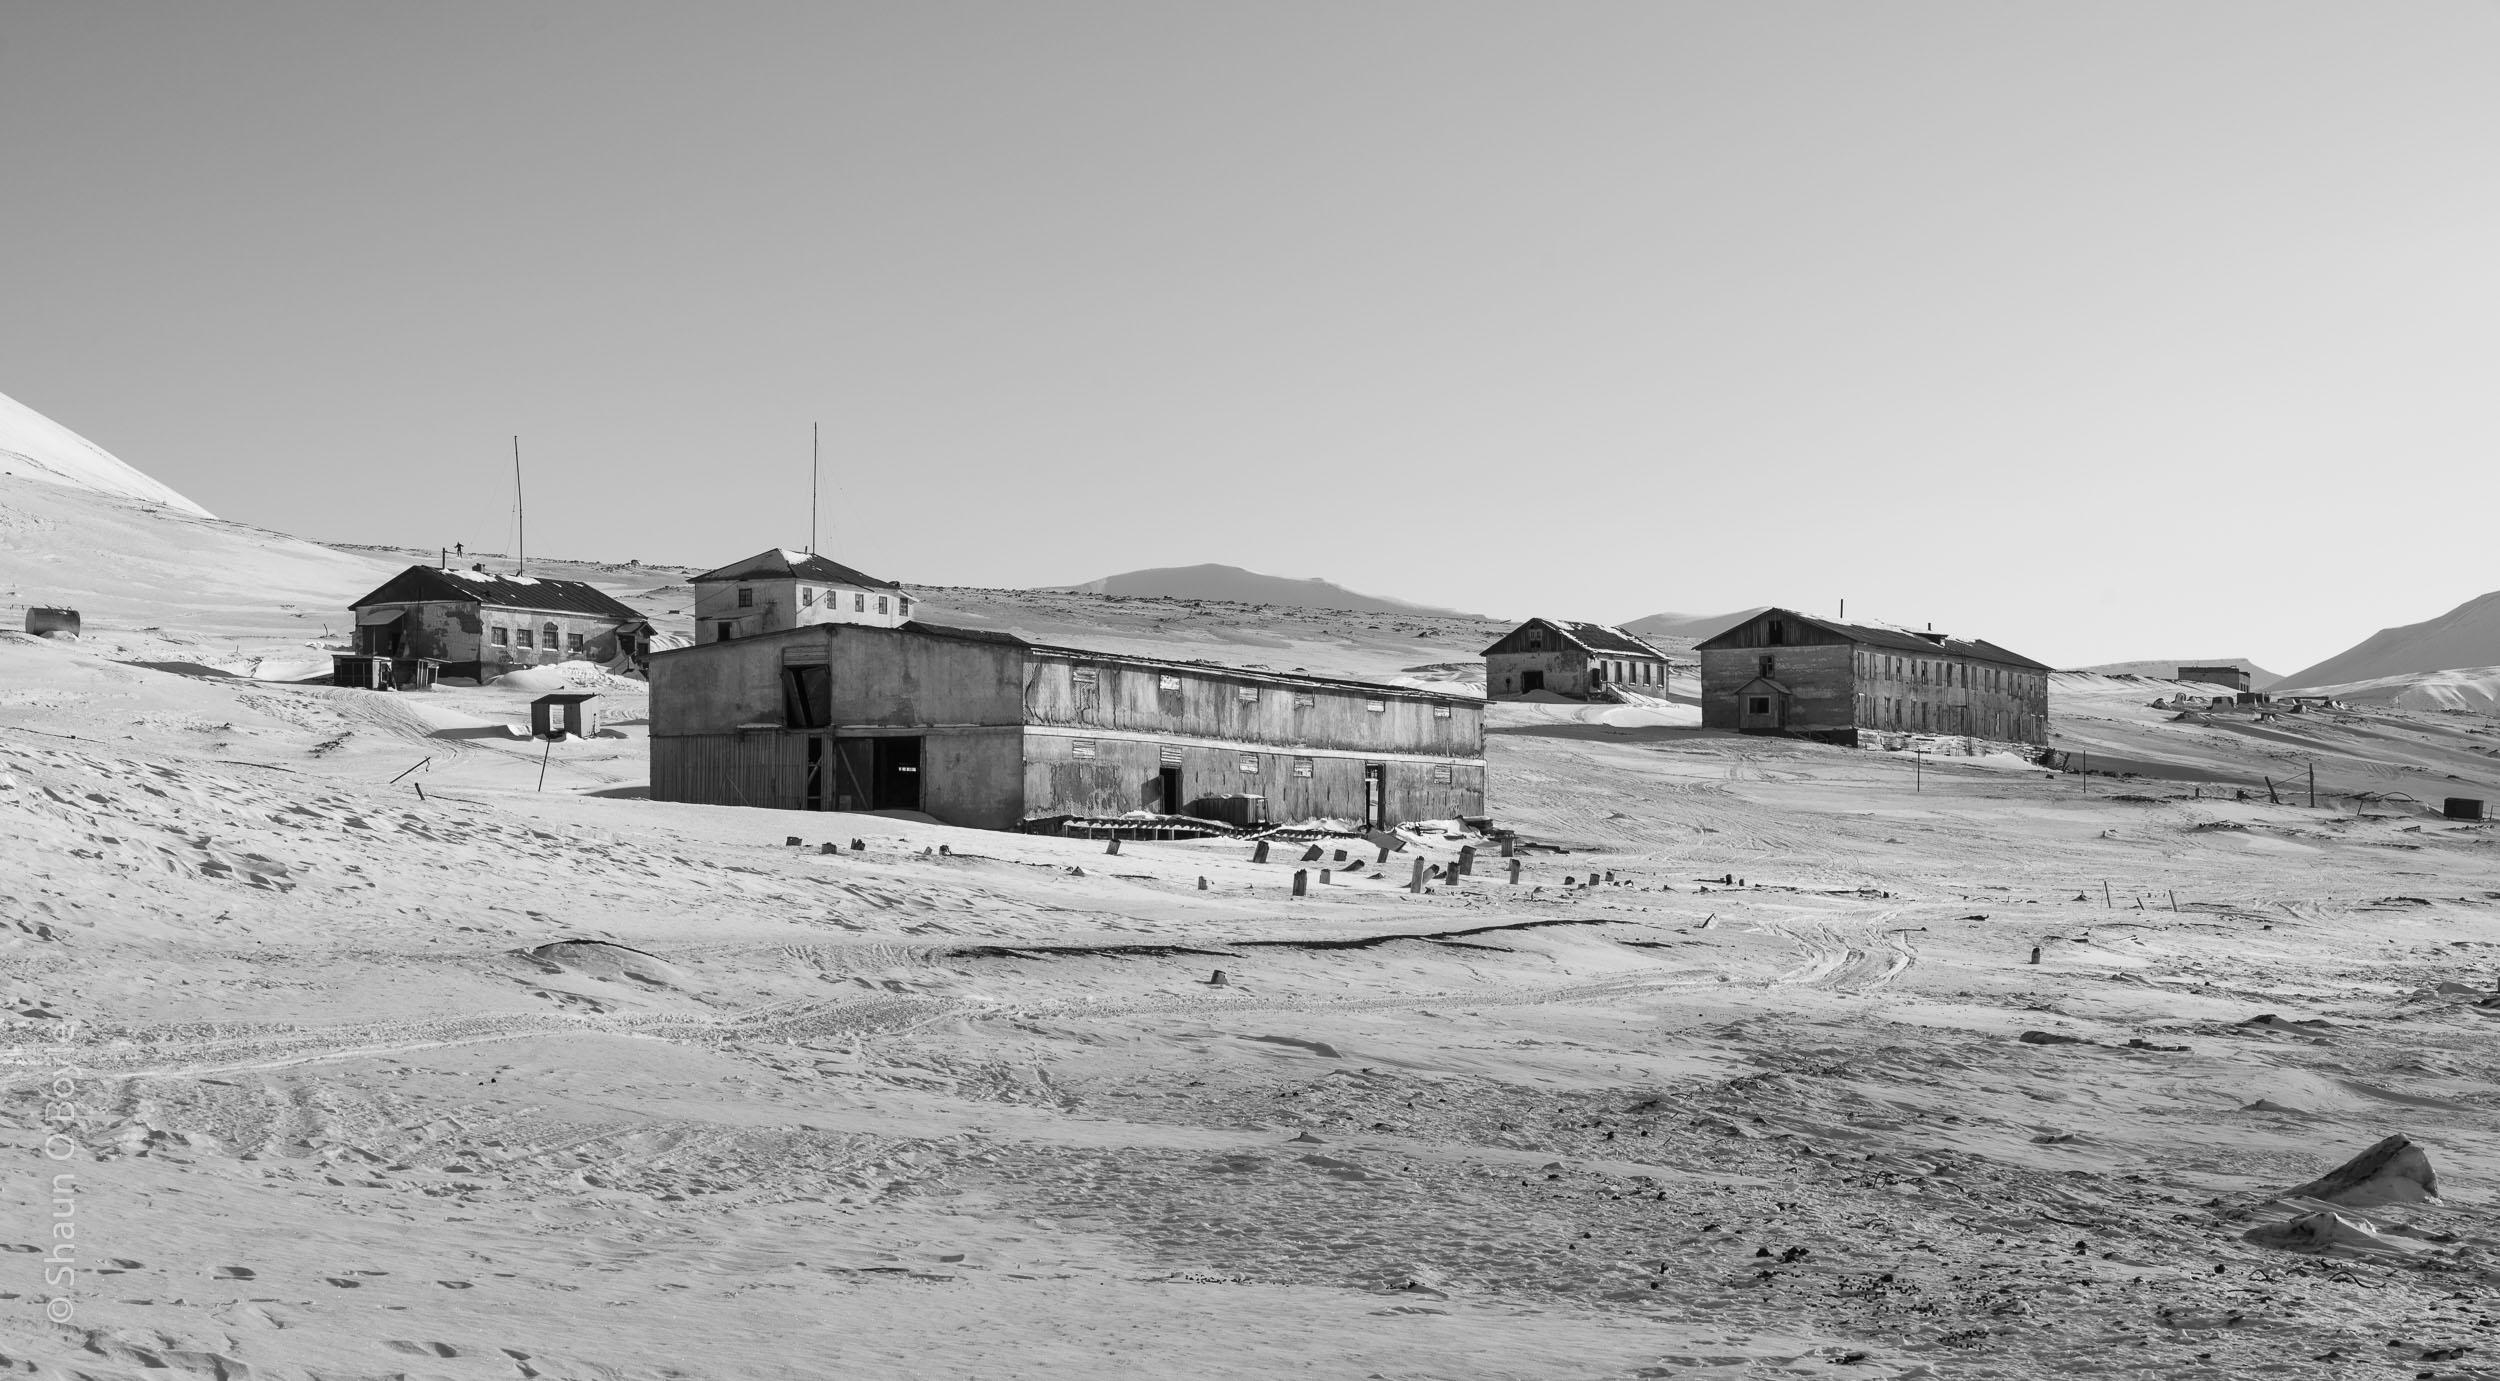 Colesbukta (Coals Bay)